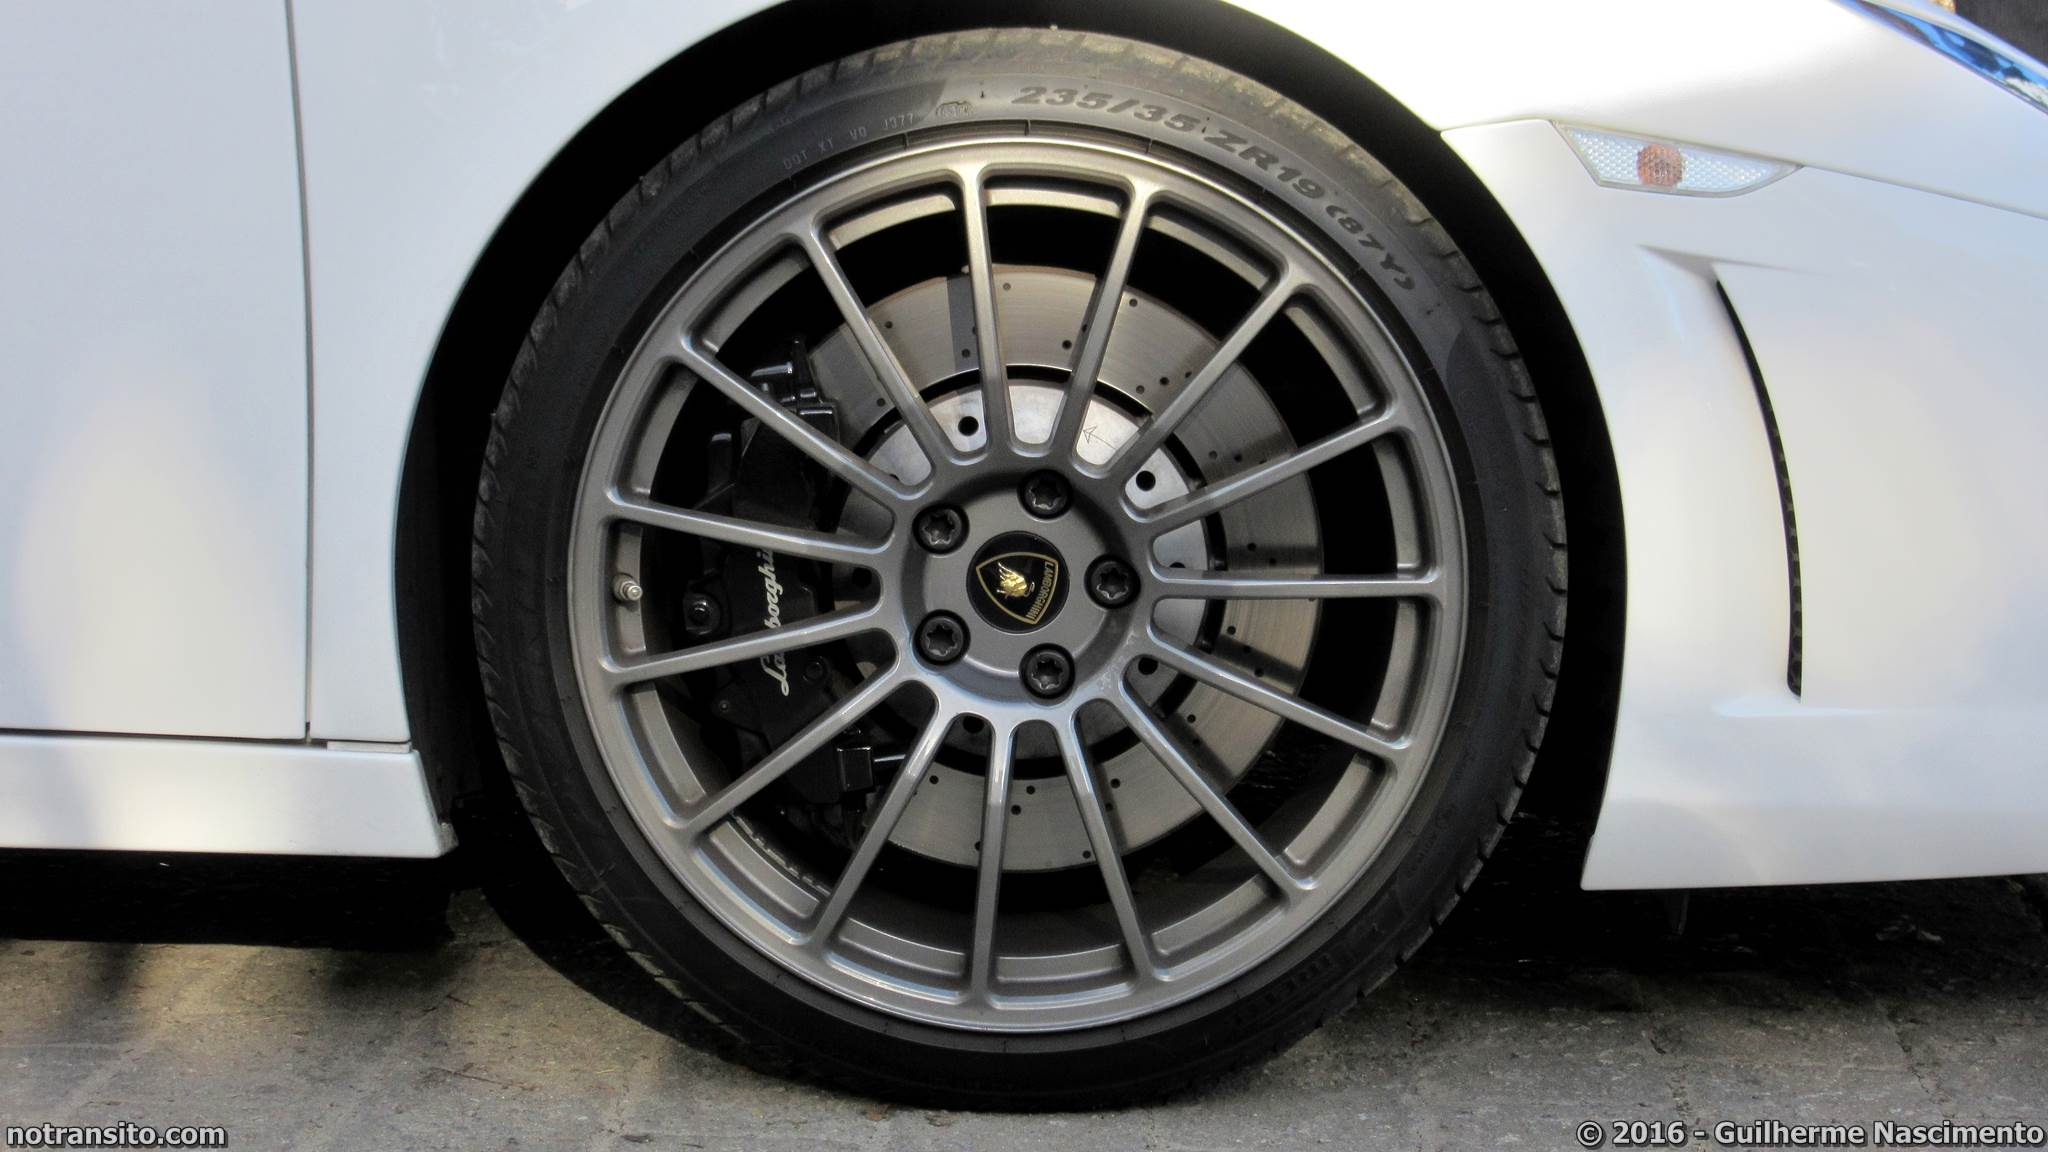 Lamborghini Gallardo LP 560-4 Bianco Monocerus Jurerê Internacional